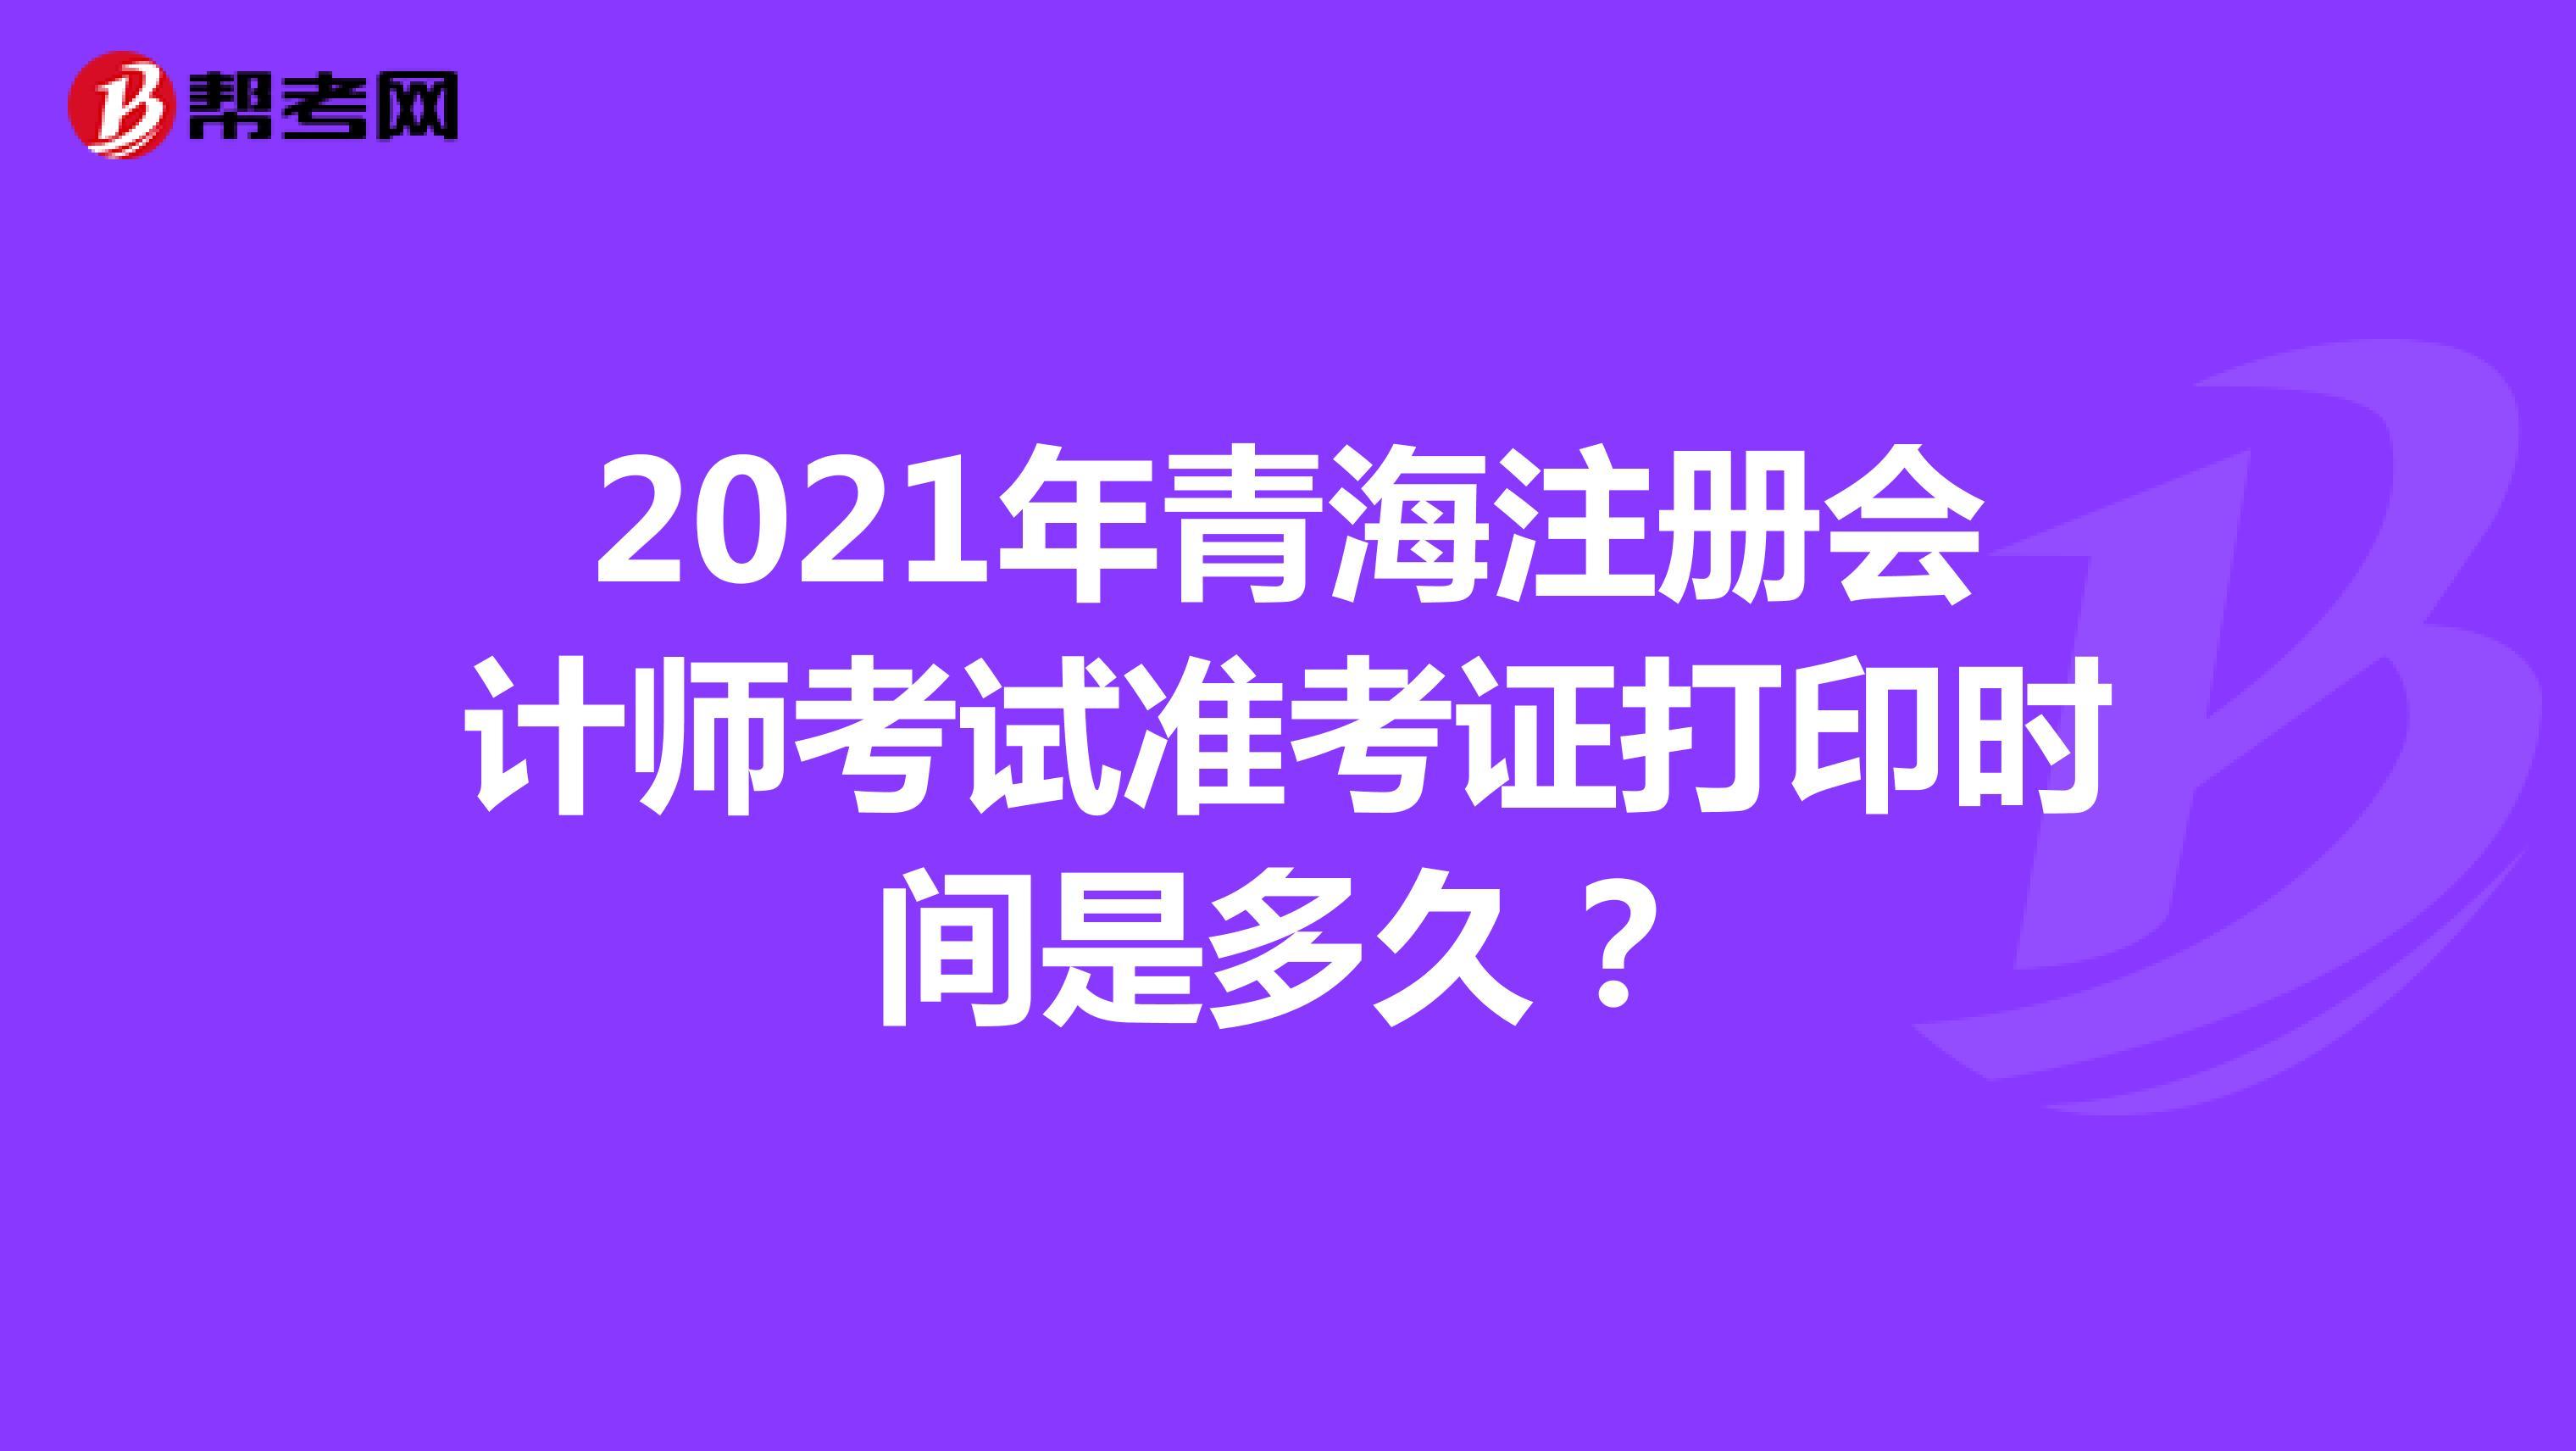 2021年青海注冊會計師考試準考證打印時間是多久?